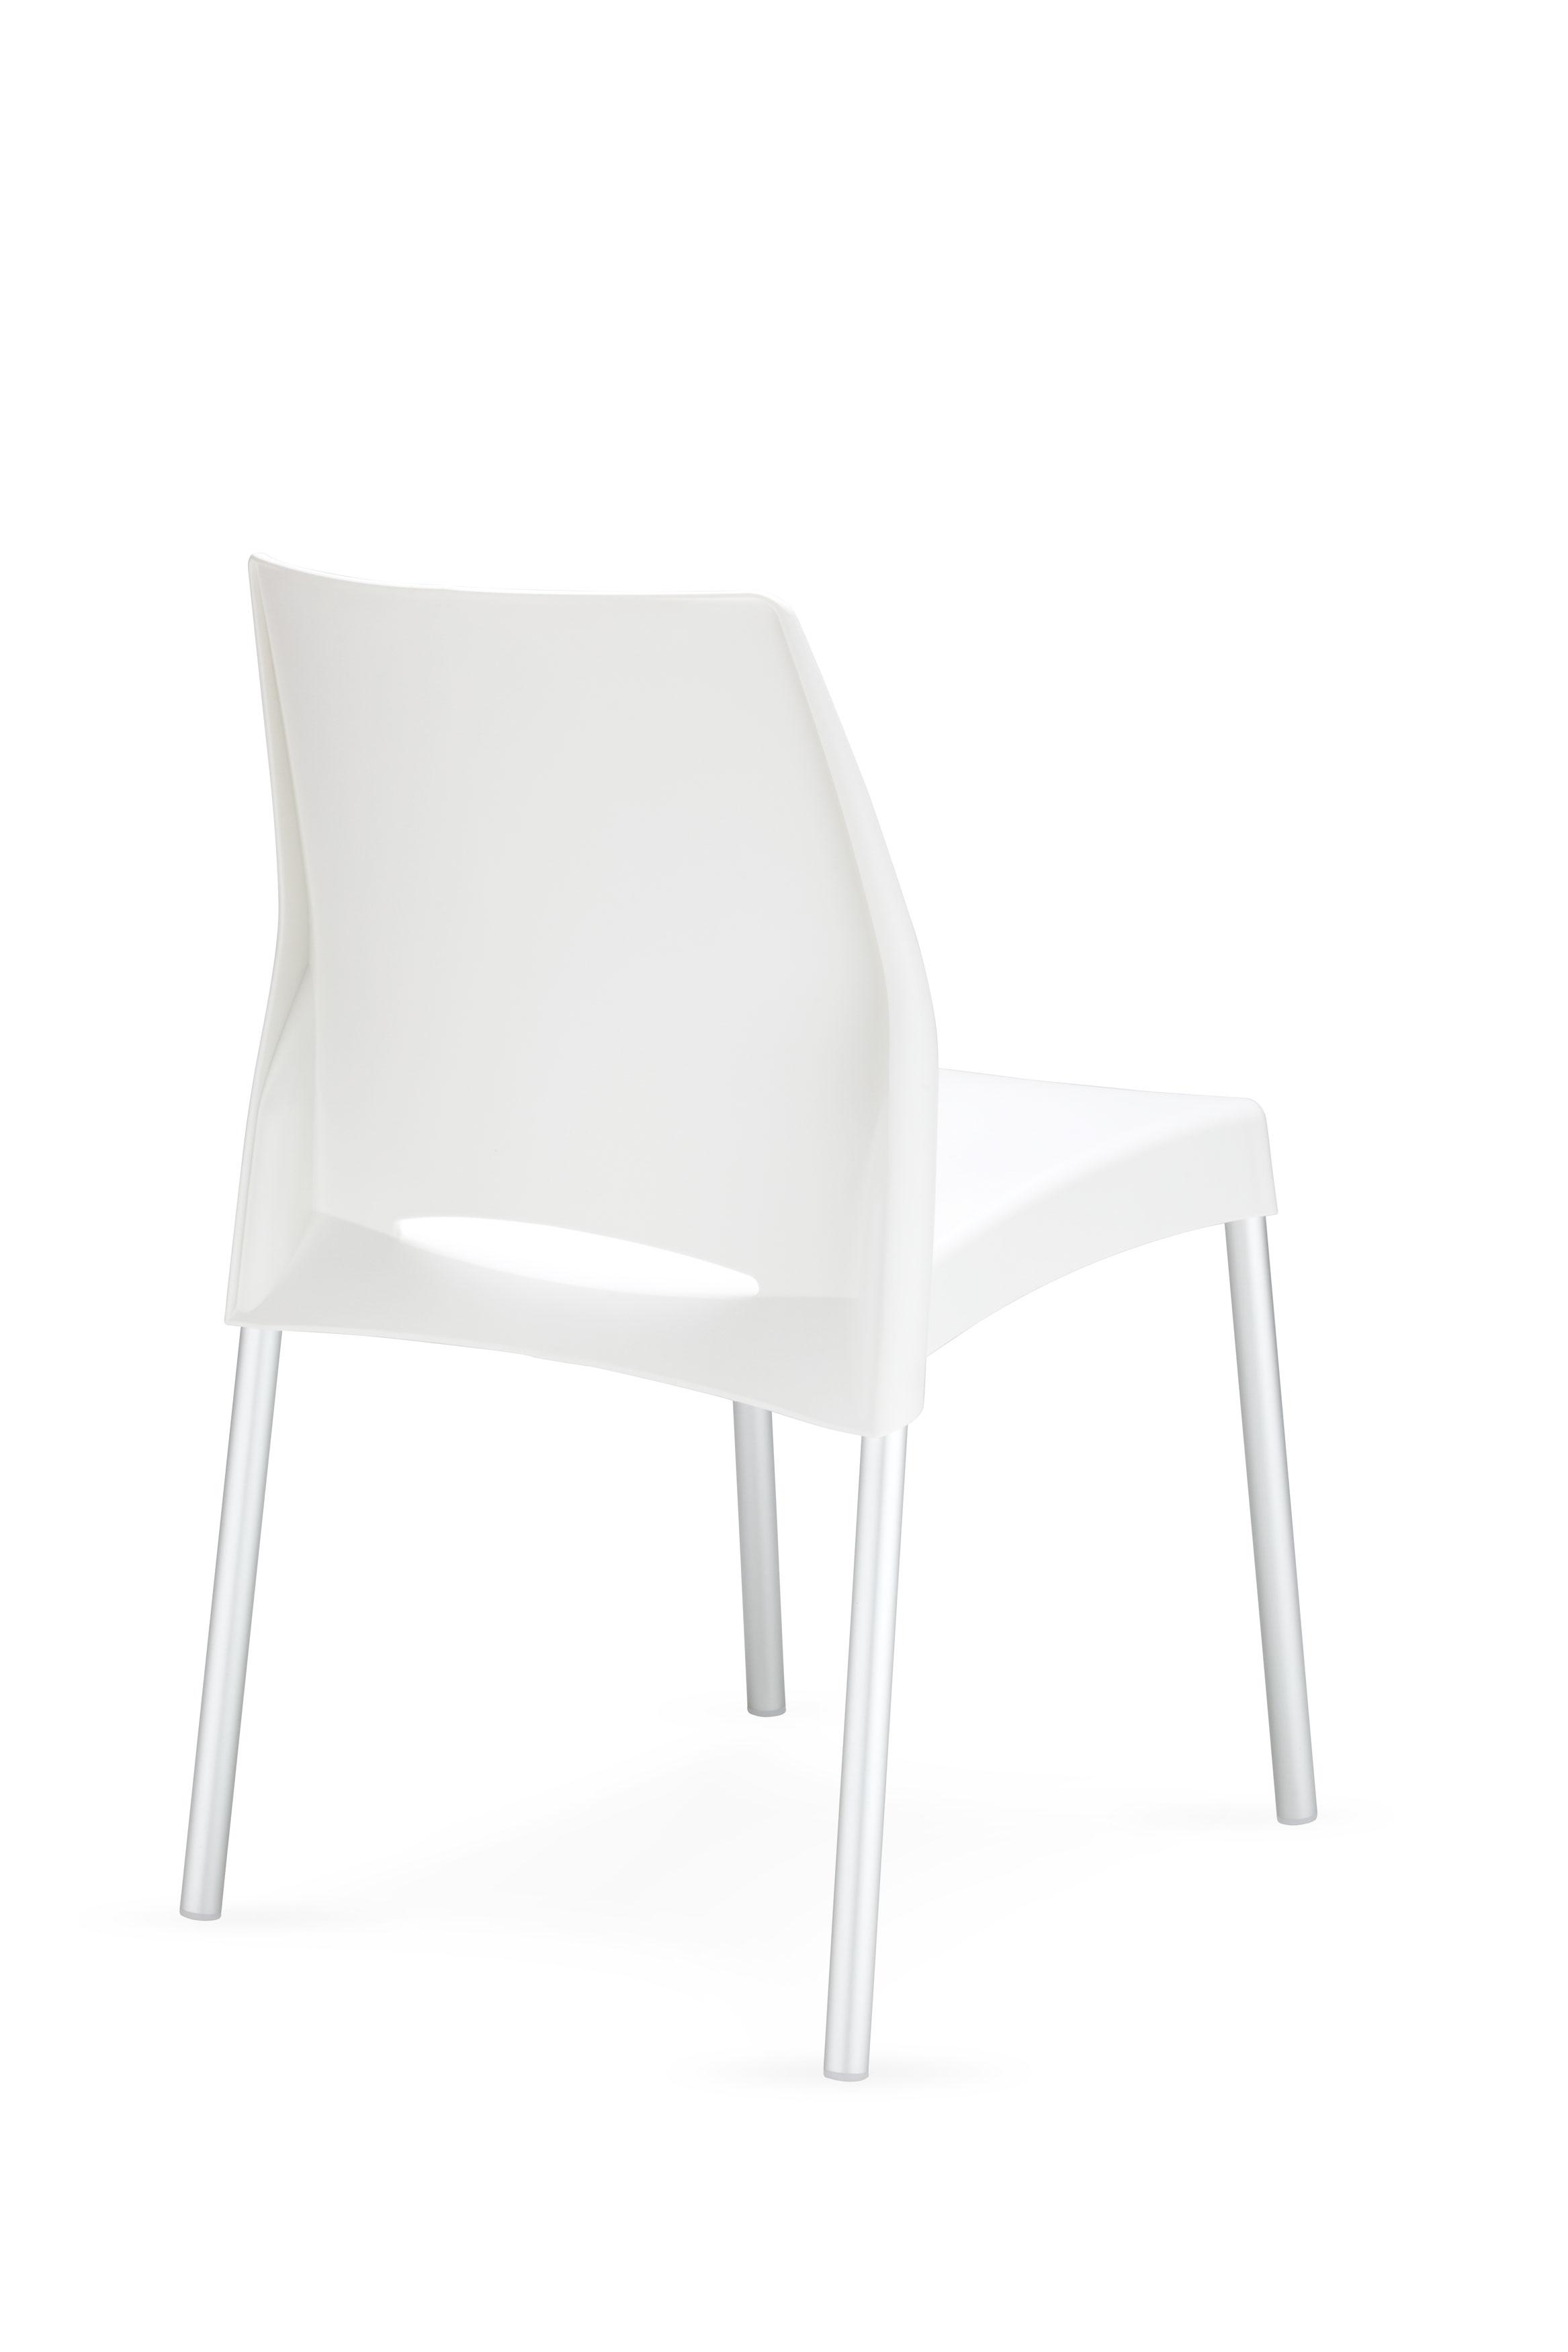 4 mod les partir de 90 27 ht choisir un mod le port 8 50 ht commande mini 1 livraison garantie. Black Bedroom Furniture Sets. Home Design Ideas